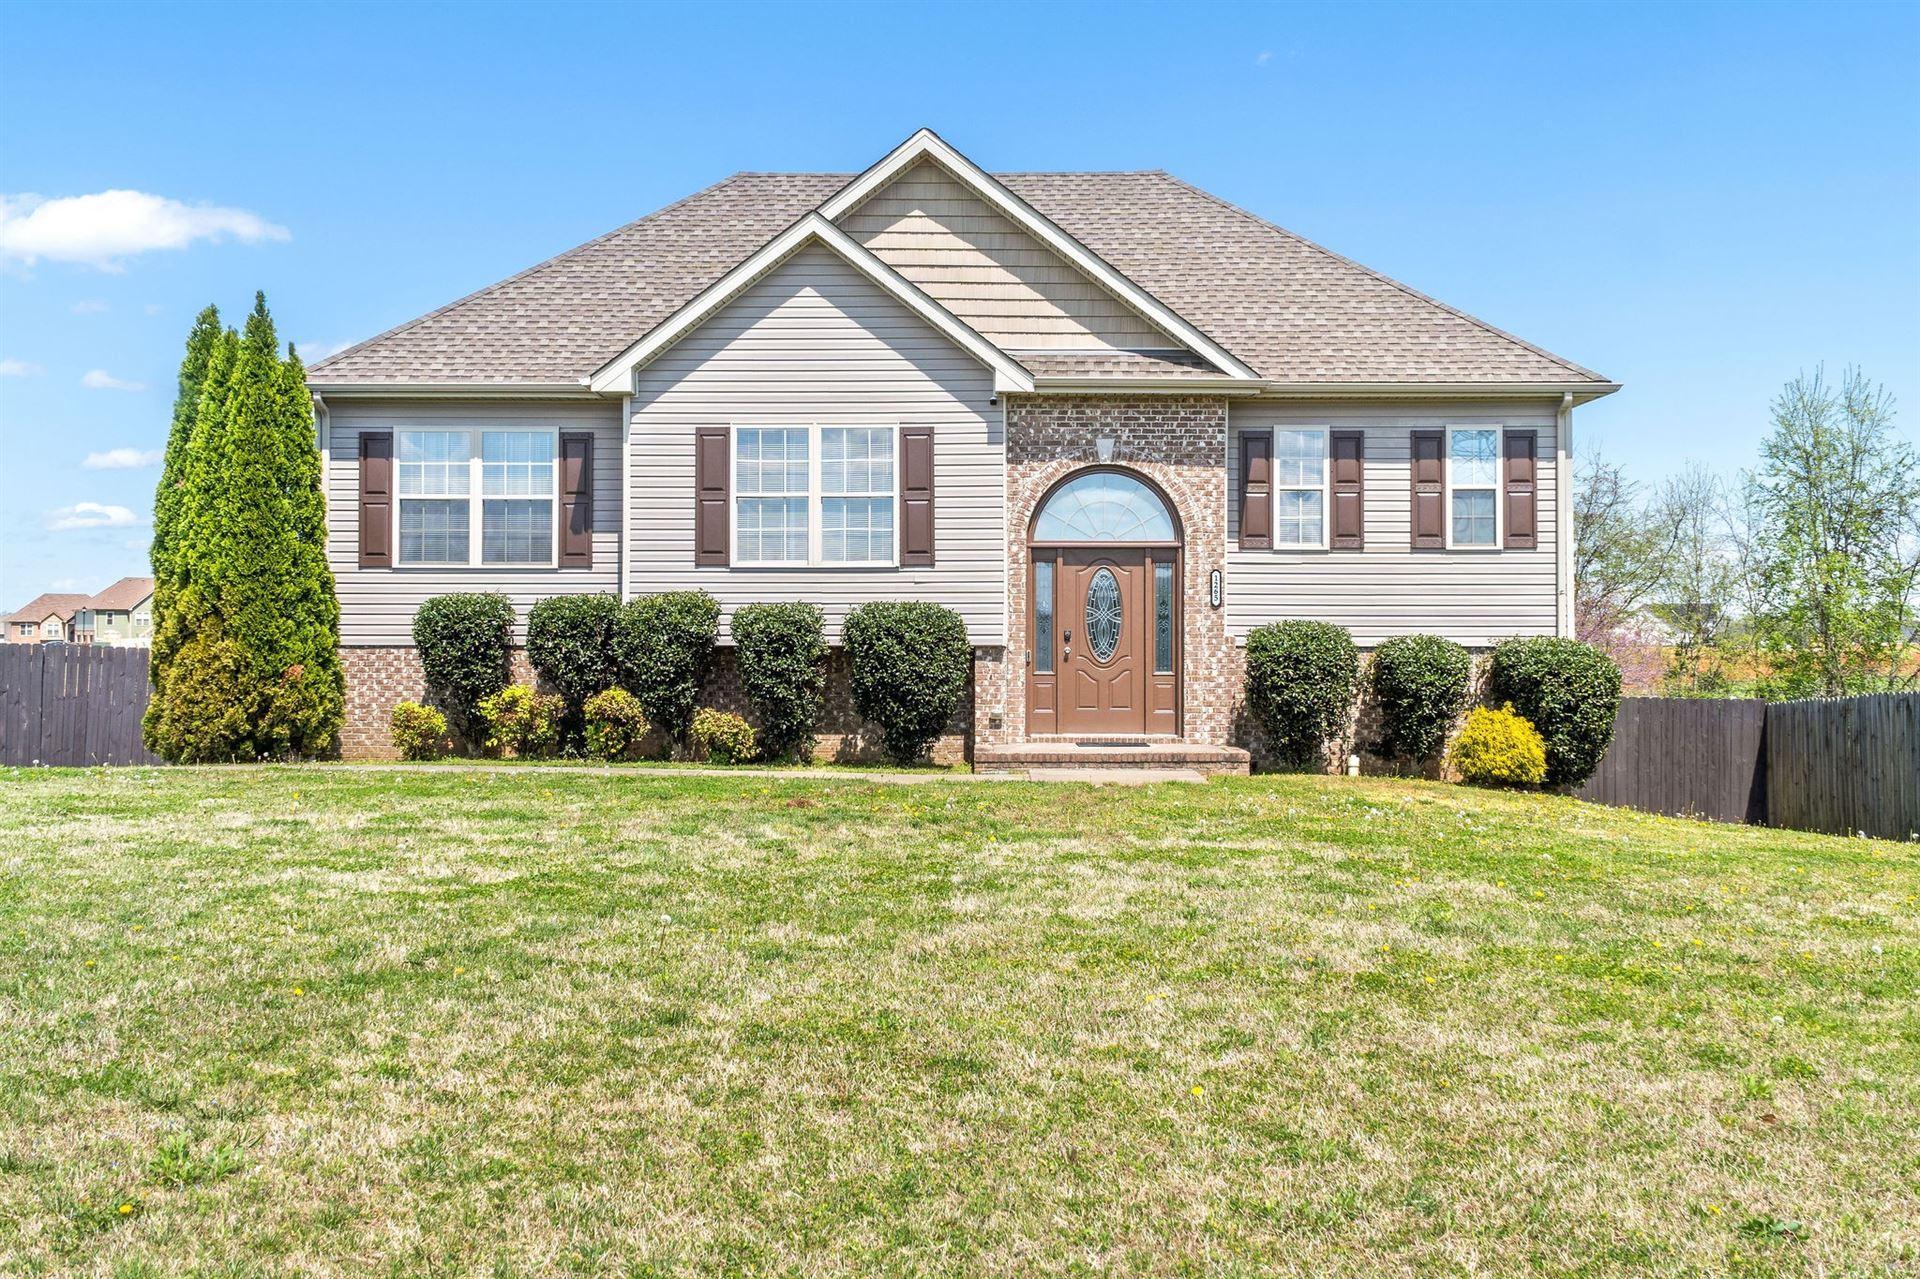 1265 Apple Blossom Rd, Clarksville, TN 37042 - MLS#: 2243370